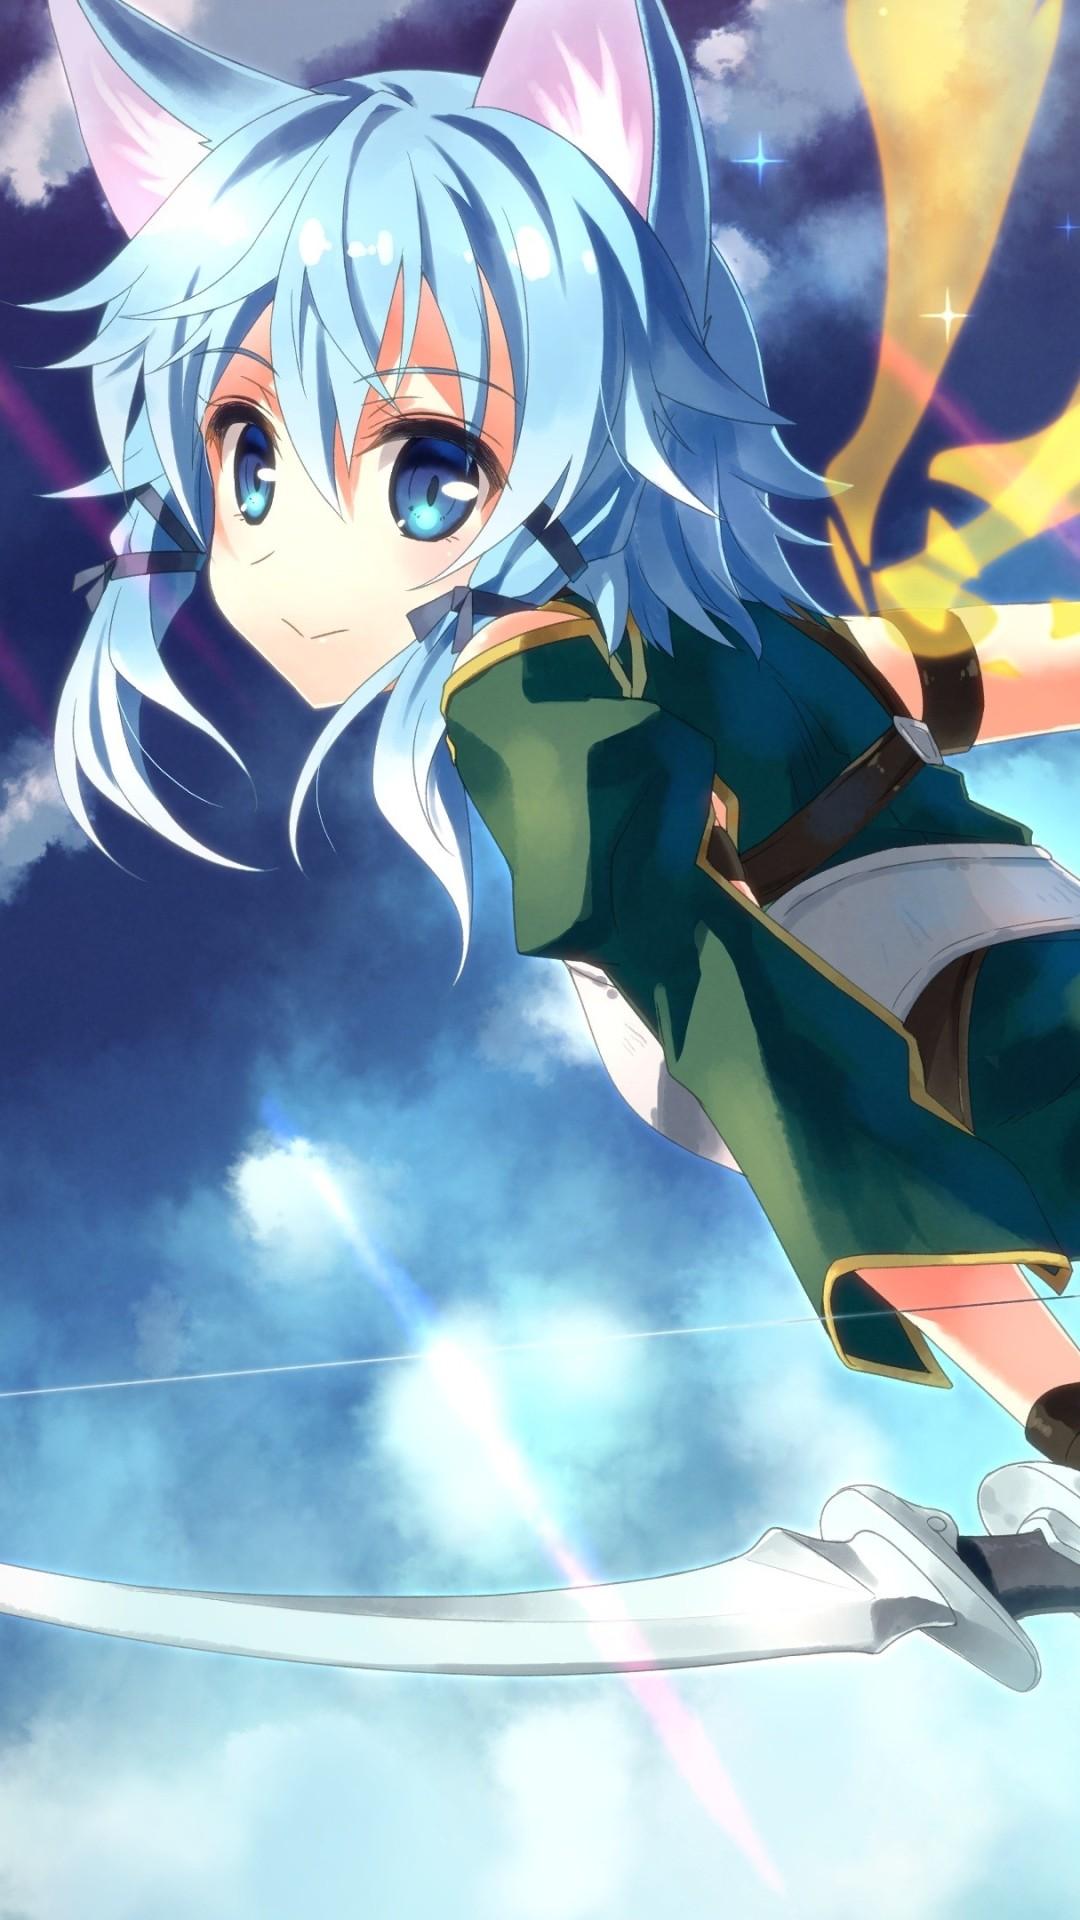 Sword Art Online Sinon Wallpaper 684943